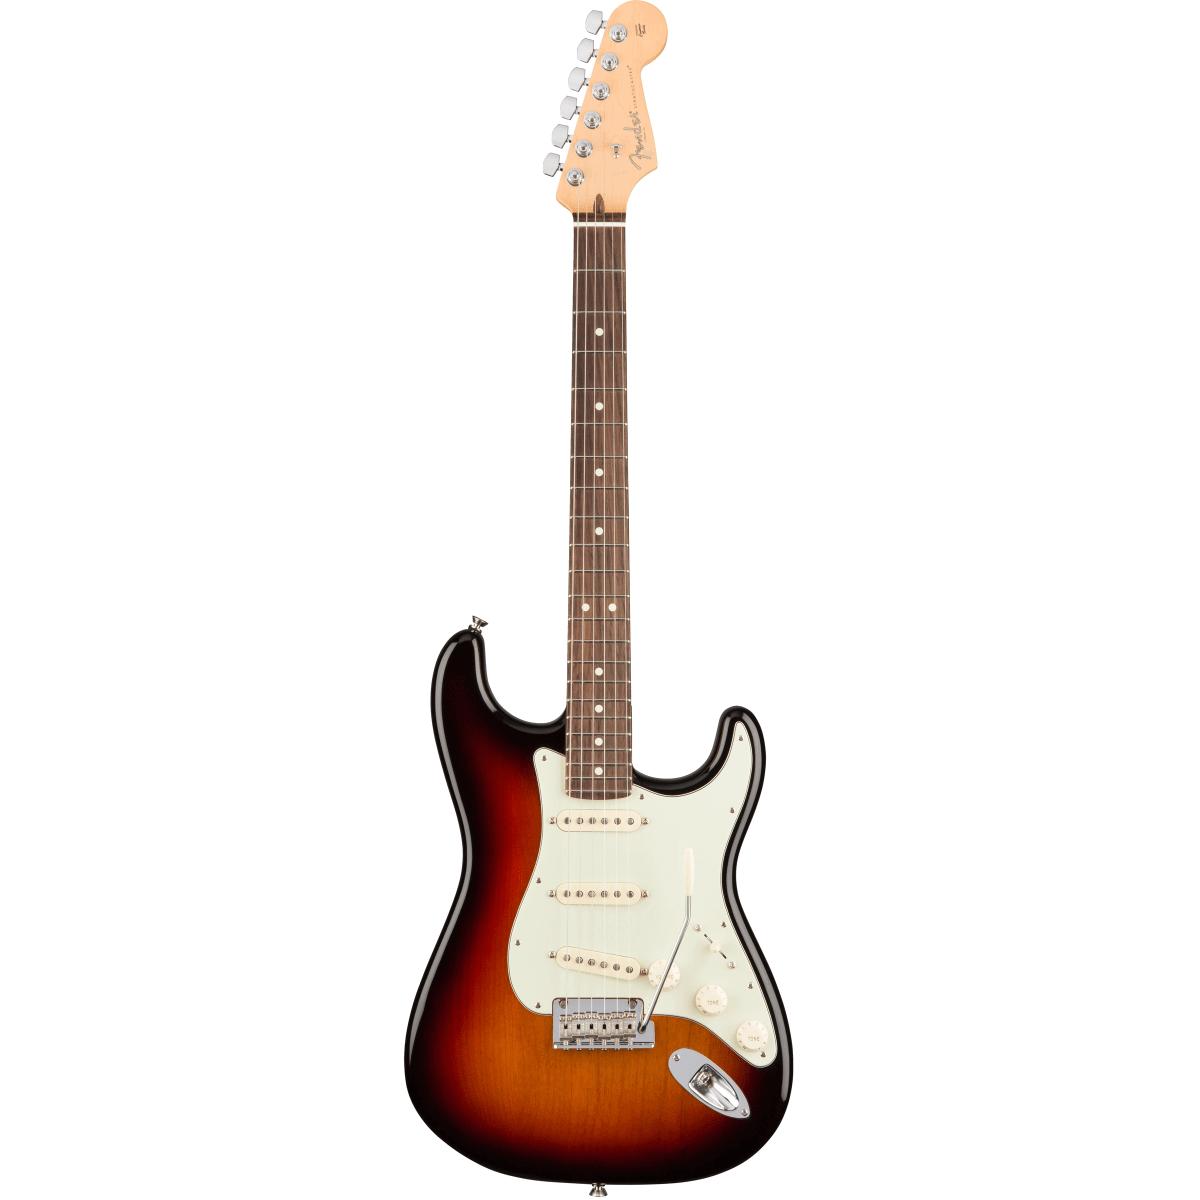 Fender AmericanProStratocaster,RW,3TS el-guitar 3-tonesunburst